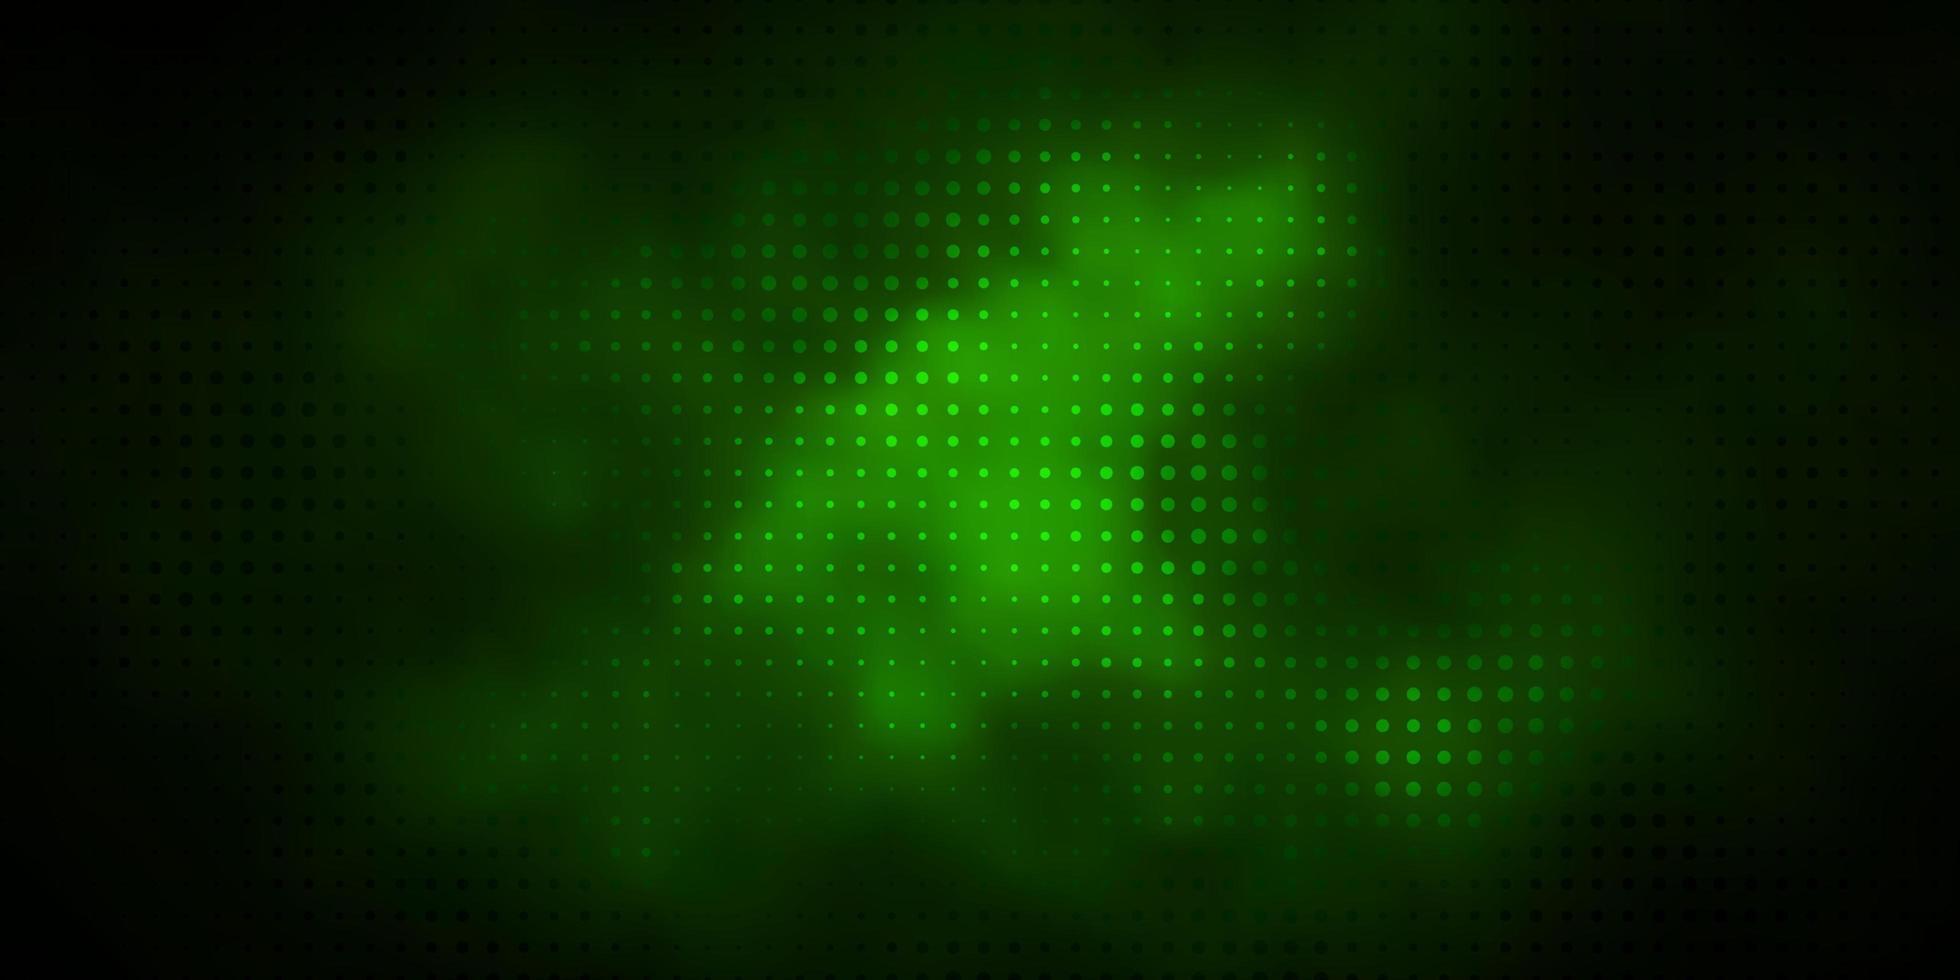 layout verde escuro com formas de círculo. vetor